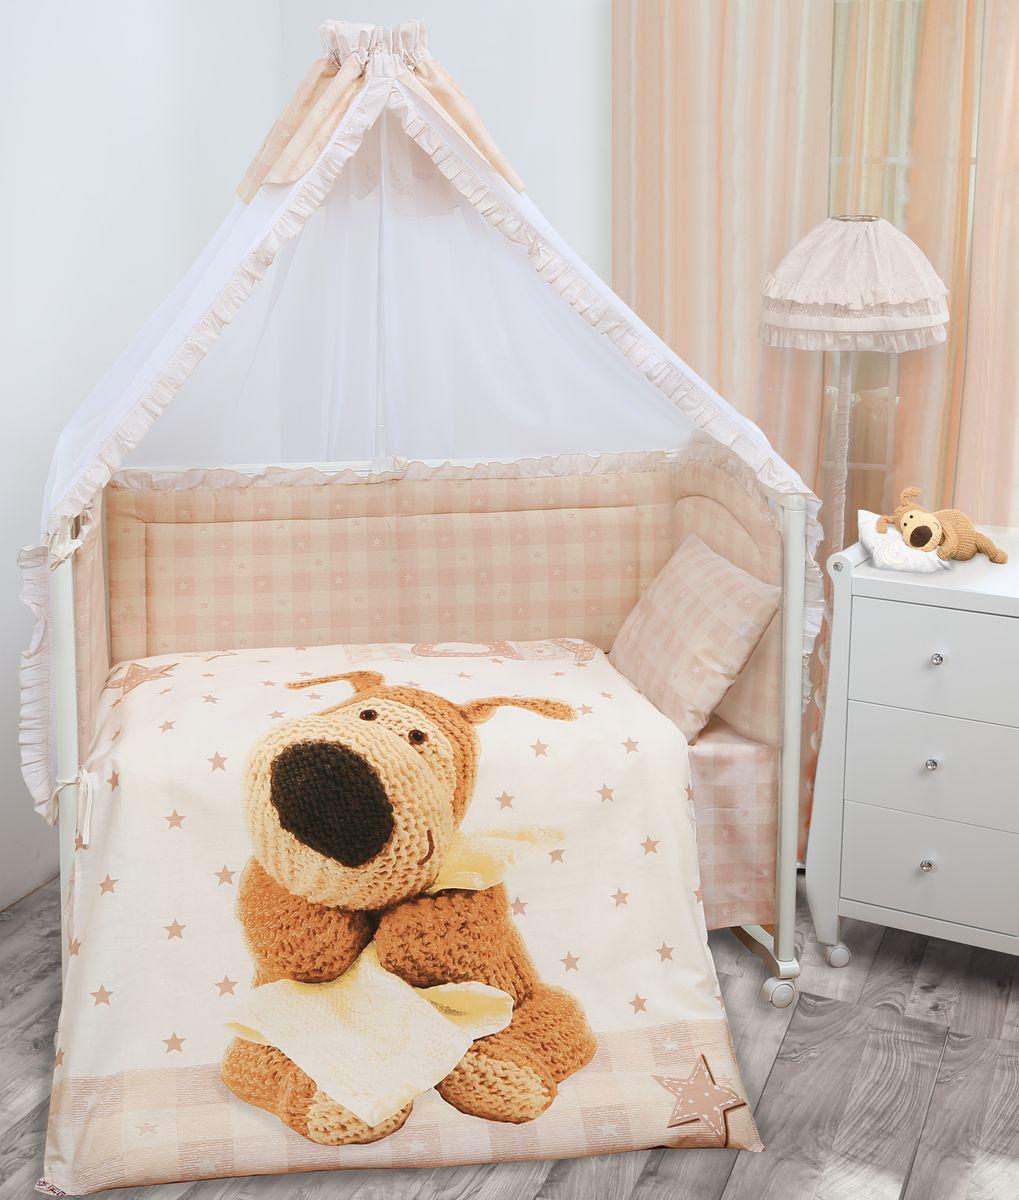 Комплект в кроватку Mona Liza Boofle baby Буффи, цвет: коричневый, 7 предметовS03301004Комплект в кроватку Mona Liza Boofle baby Буффи прекрасно подойдет для кроватки вашего малыша, добавит комнате уюта и согреет в прохладные дни.В качестве материала верха использован натуральный хлопок, мягкая ткань не раздражает чувствительную и нежную кожу ребенка и хорошо вентилируется.Бортик, подушка и одеяло наполнены 100% полиэфиром. Балдахин выполнен из 100% полиэфира с отделкой 100% хлопка. Комплект состоит из: бортиков 40 см х 60 см - 2 шт, 40 см х 120 см - 2 шт, балдахина 150 см х 300 см,плоской подушки 40 см х 60 см,зимнего одеяла 105 см х 140 см,пододеяльника 110 см х 145 см,наволочки 40 см х 60 см,простыни 100 см х 145 см.Элементы комплекта выполнены из 100% хлопка и оформлены аппликацией в виде очаровательного вязаного щеночка Буффи.Очень важно, чтобы ваш малыш хорошо спал - это залог его здоровья, а значит вашего спокойствия. Согласно рекомендациям детских врачей, лучше всего приобретать изделия только с натуральными наполнителями. Они обеспечивают идеальный термо- и гидробаланс сна вашему малышу.